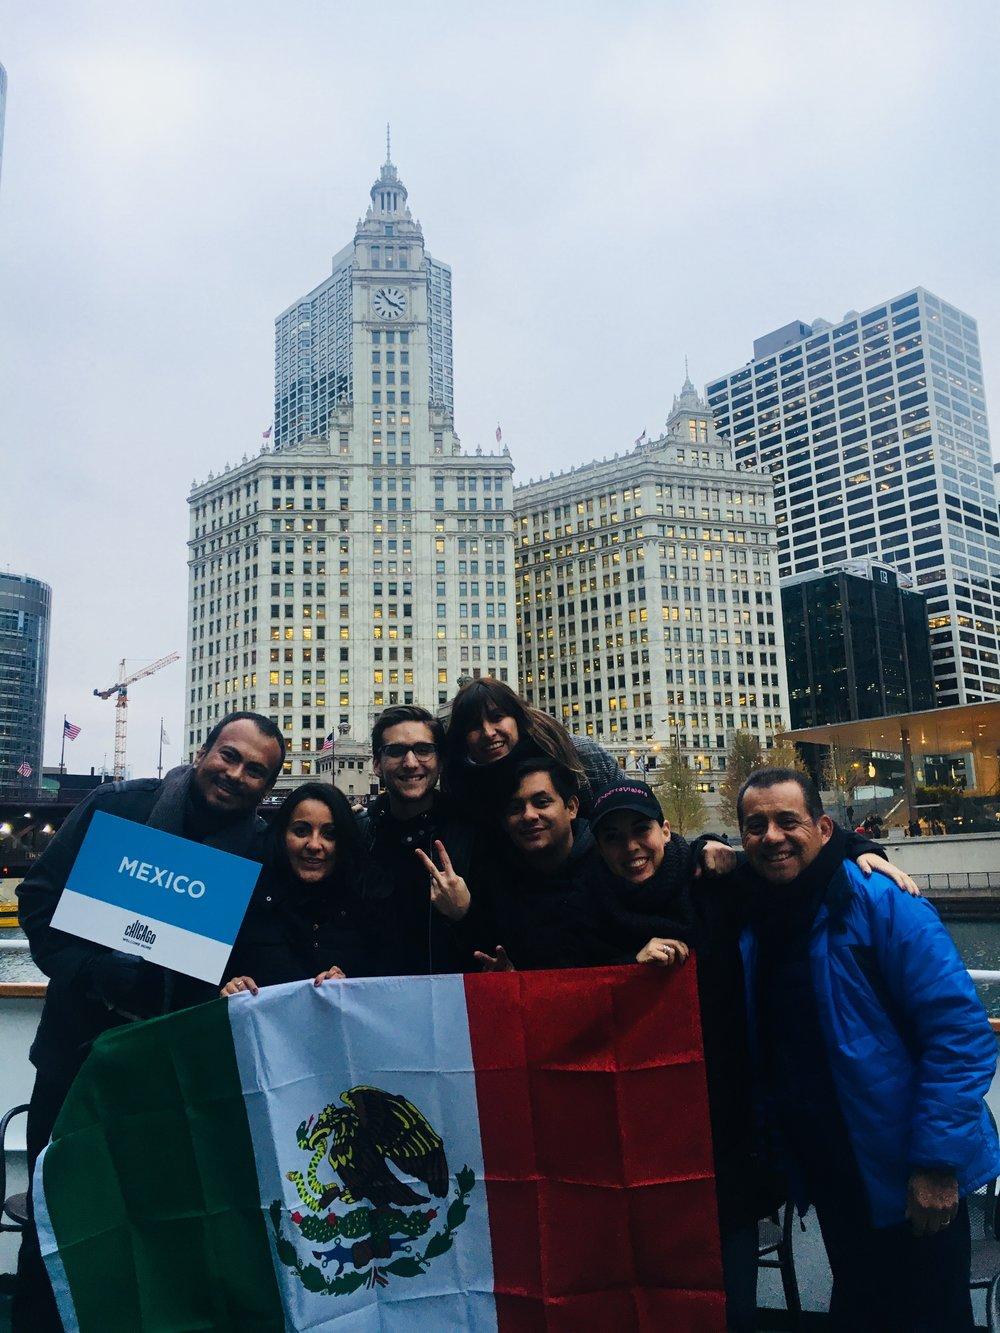 El equipo mexicano en Chicago